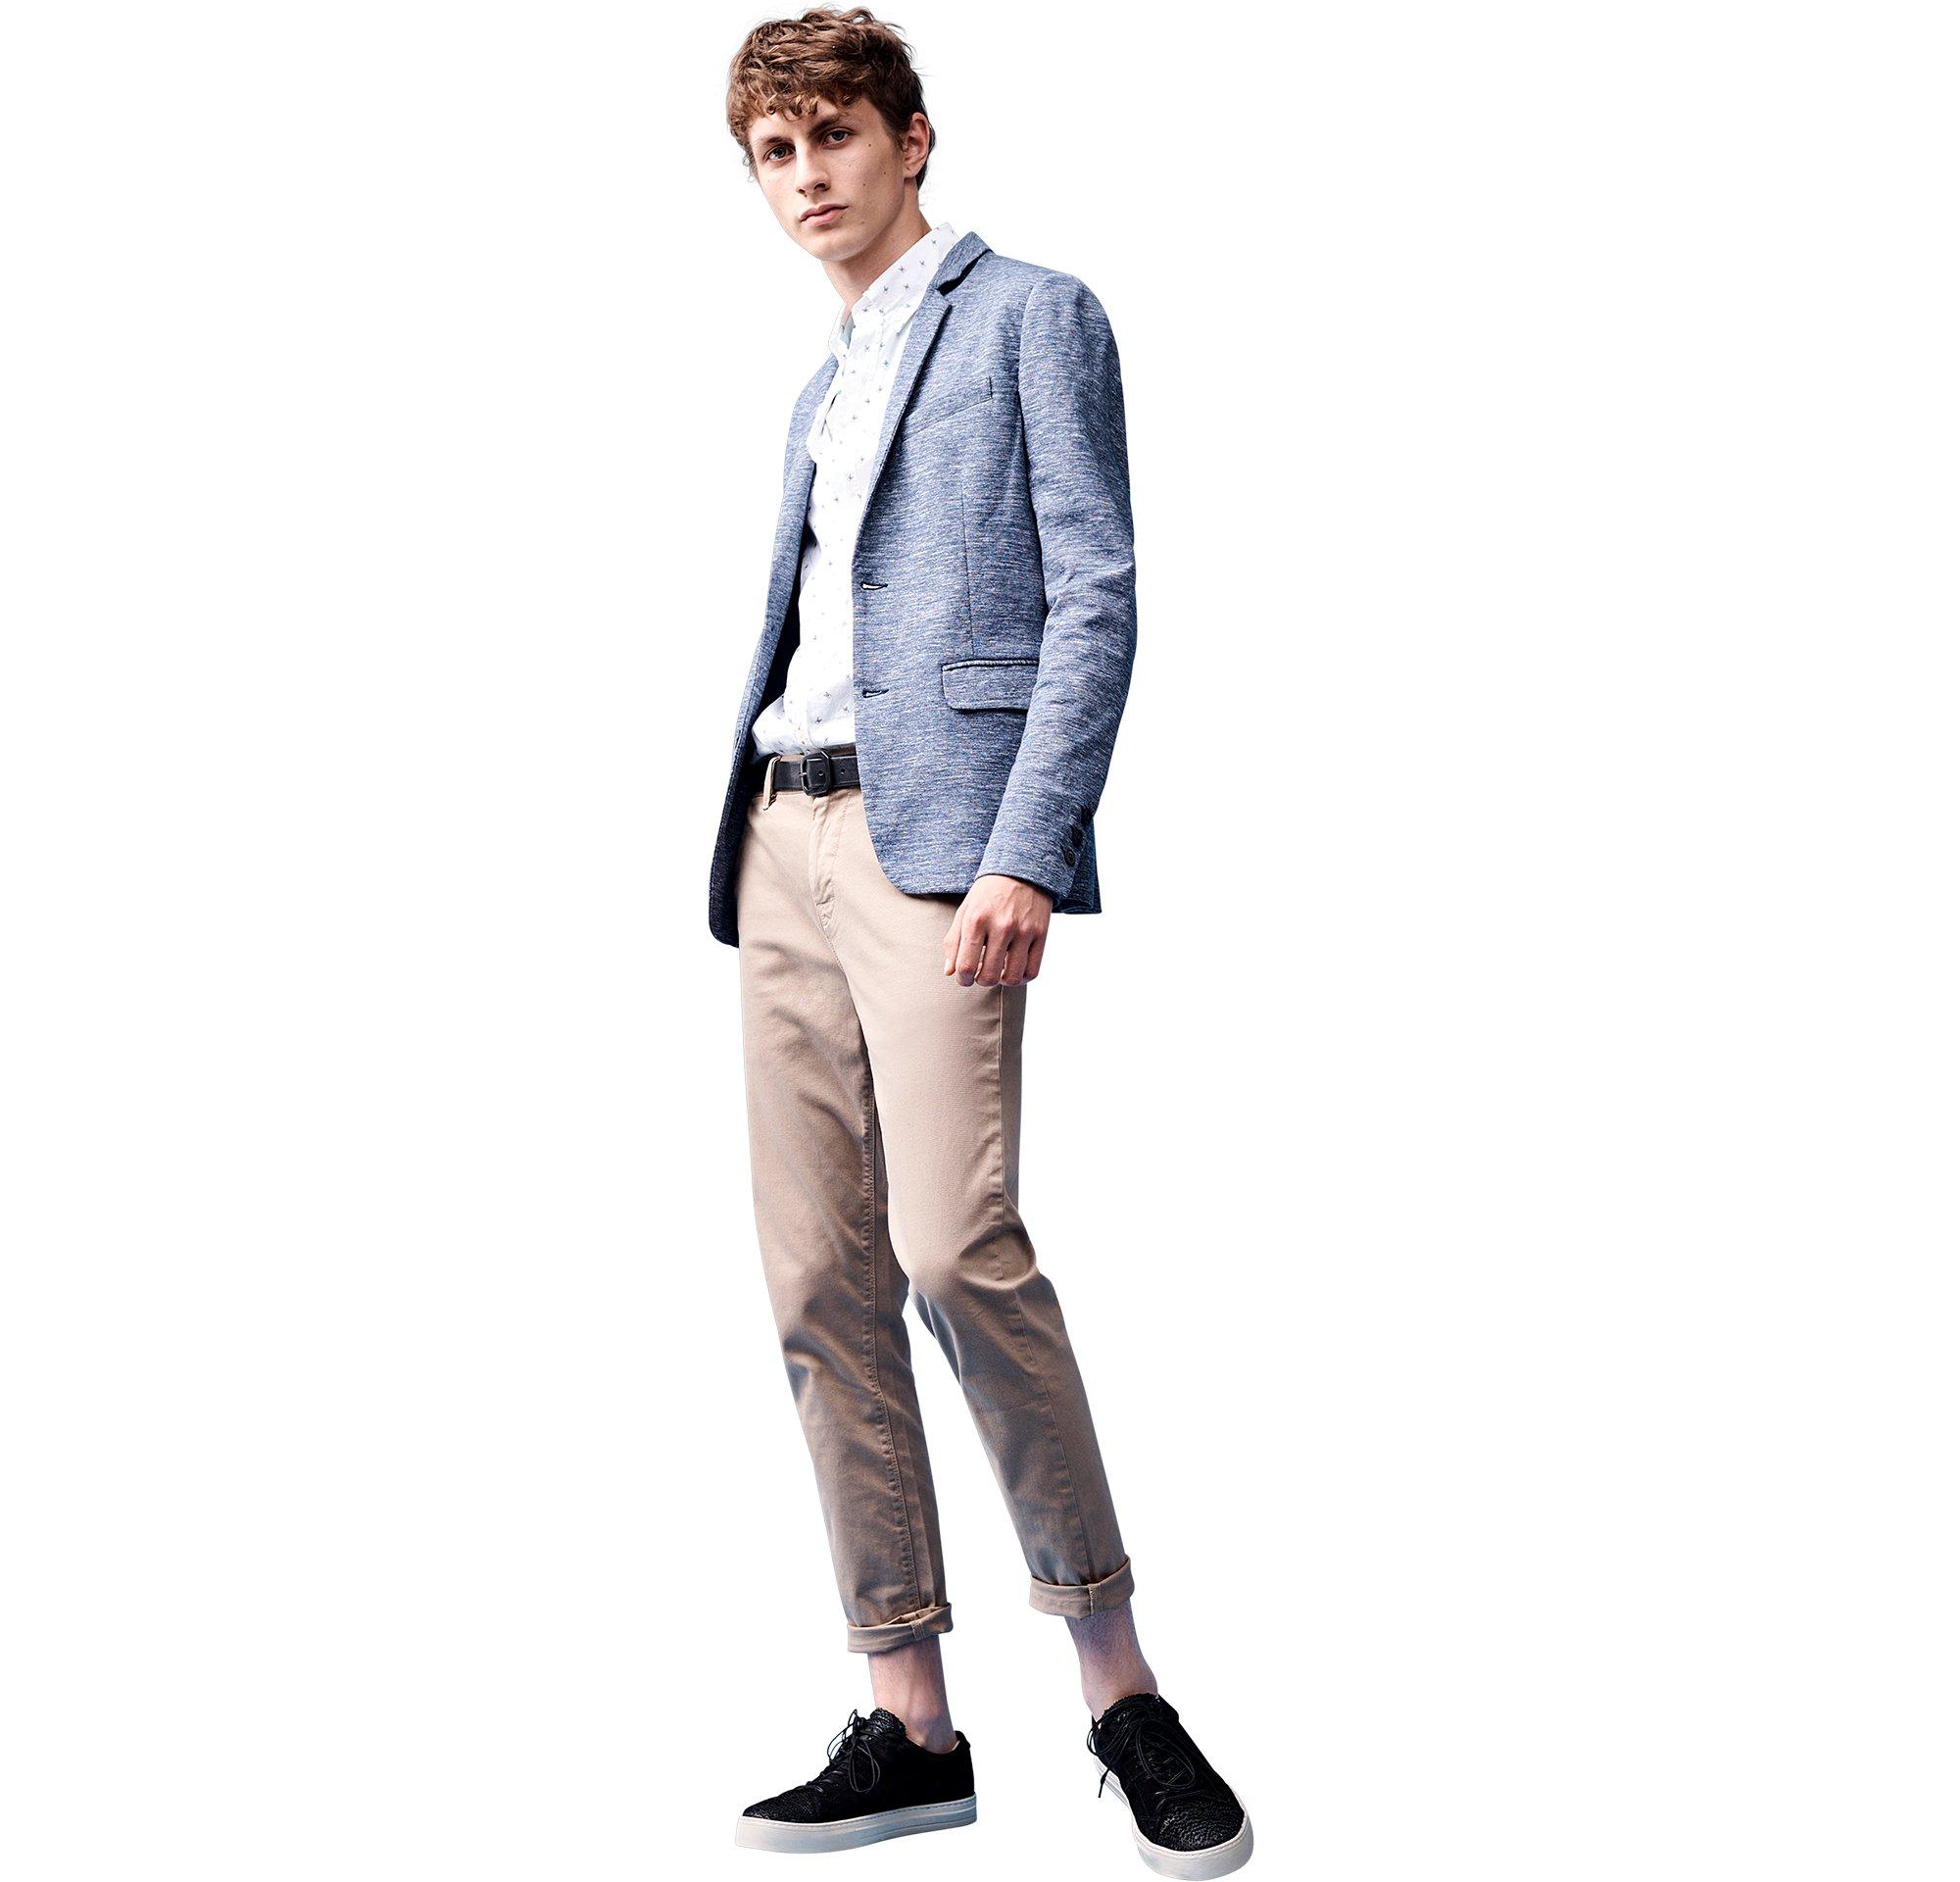 BOSS_ORANGE_Men_PF17_Look_26,